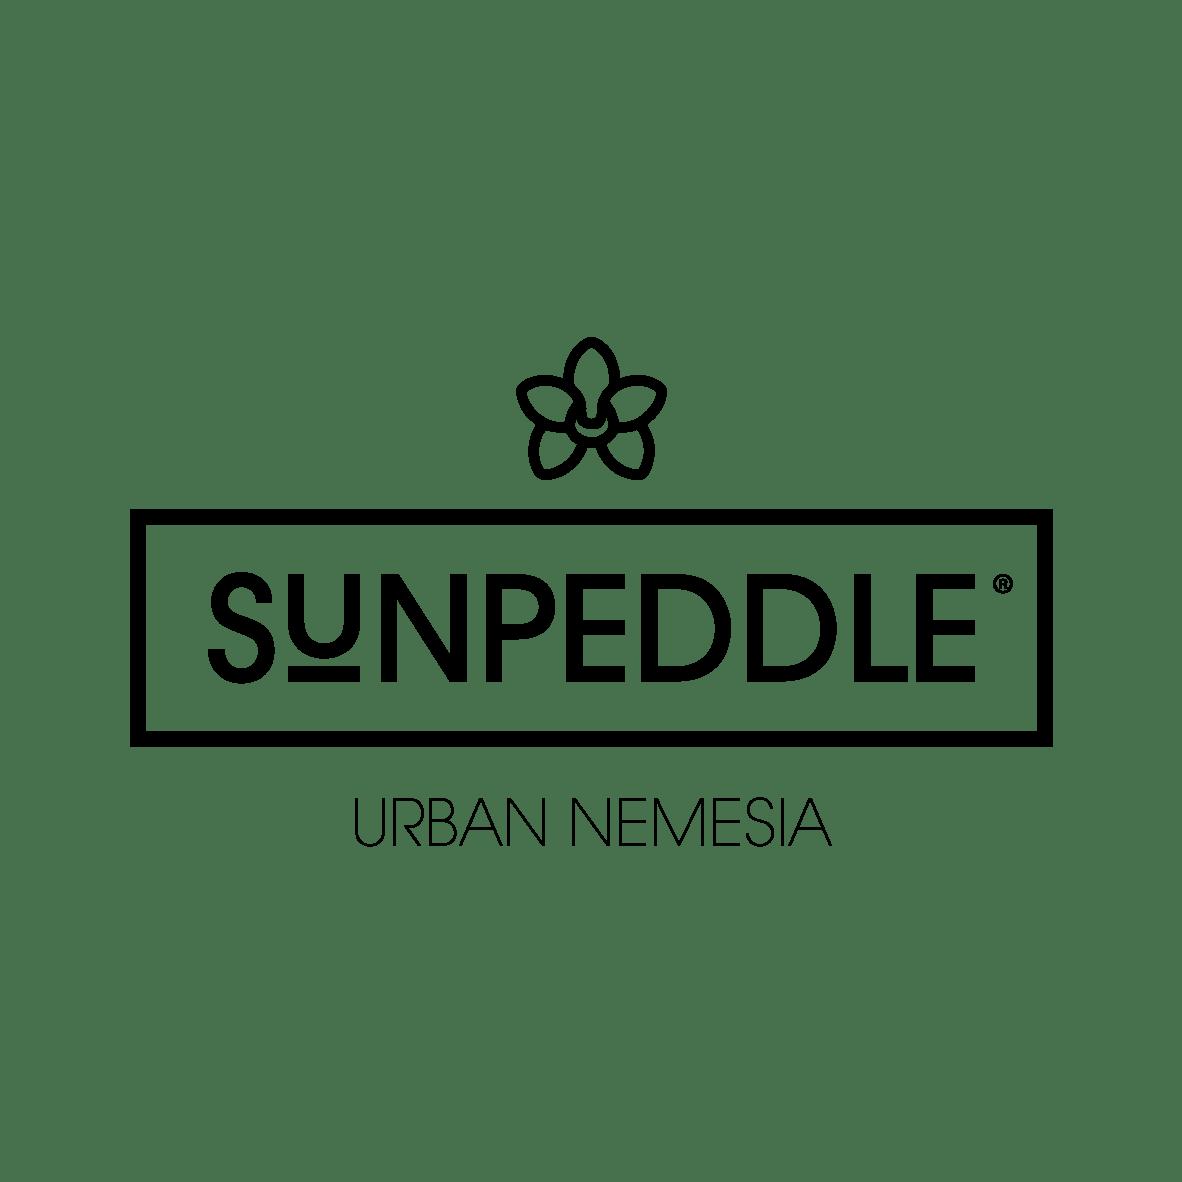 Sunpeddle logo black